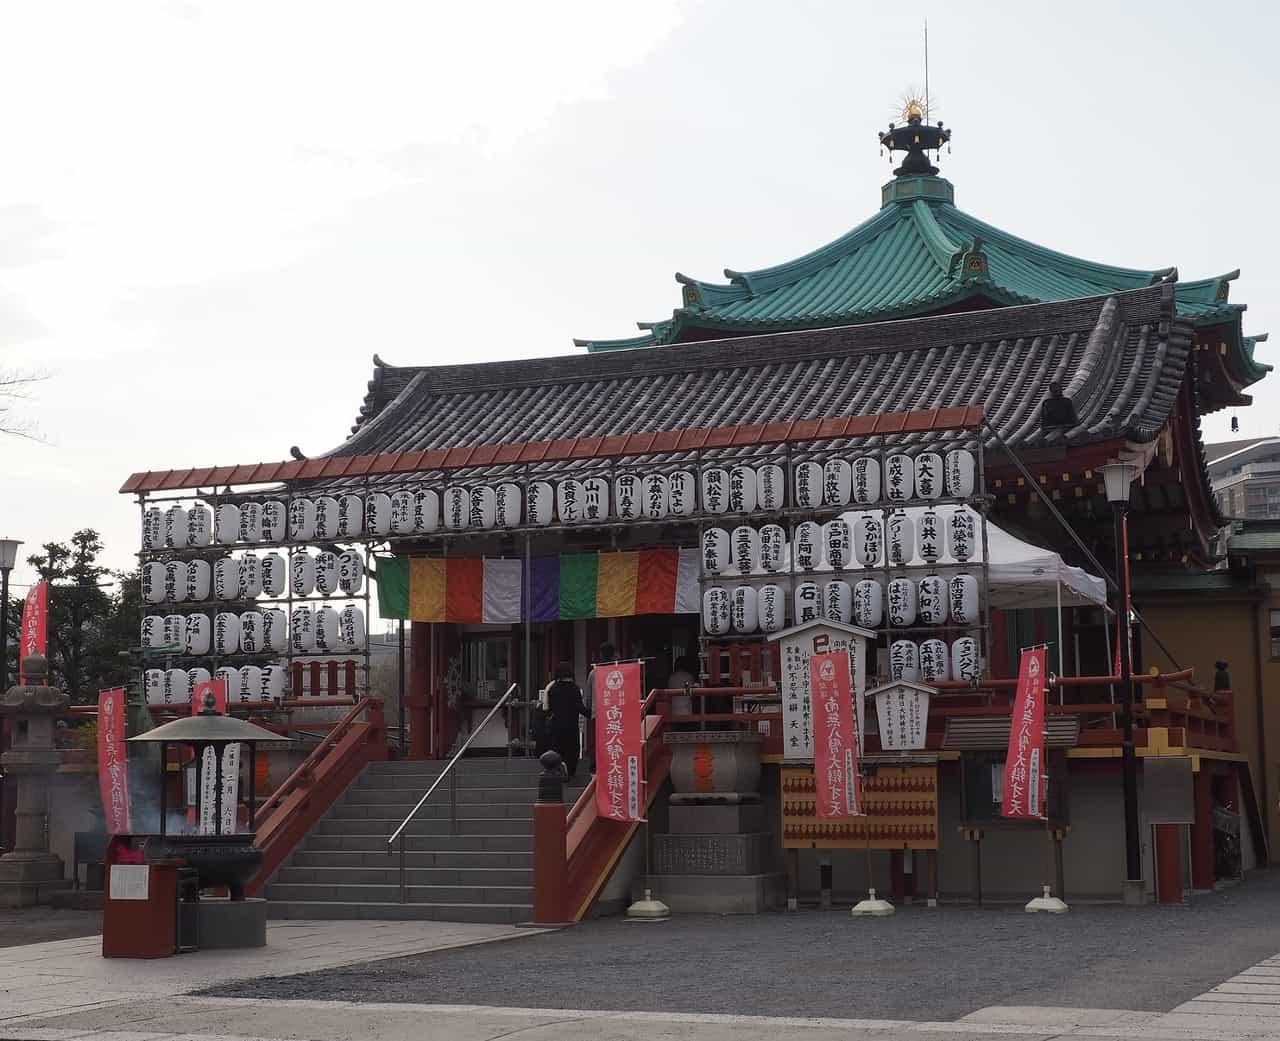 El templo Bentendo en Ueno, Tokio, Japón